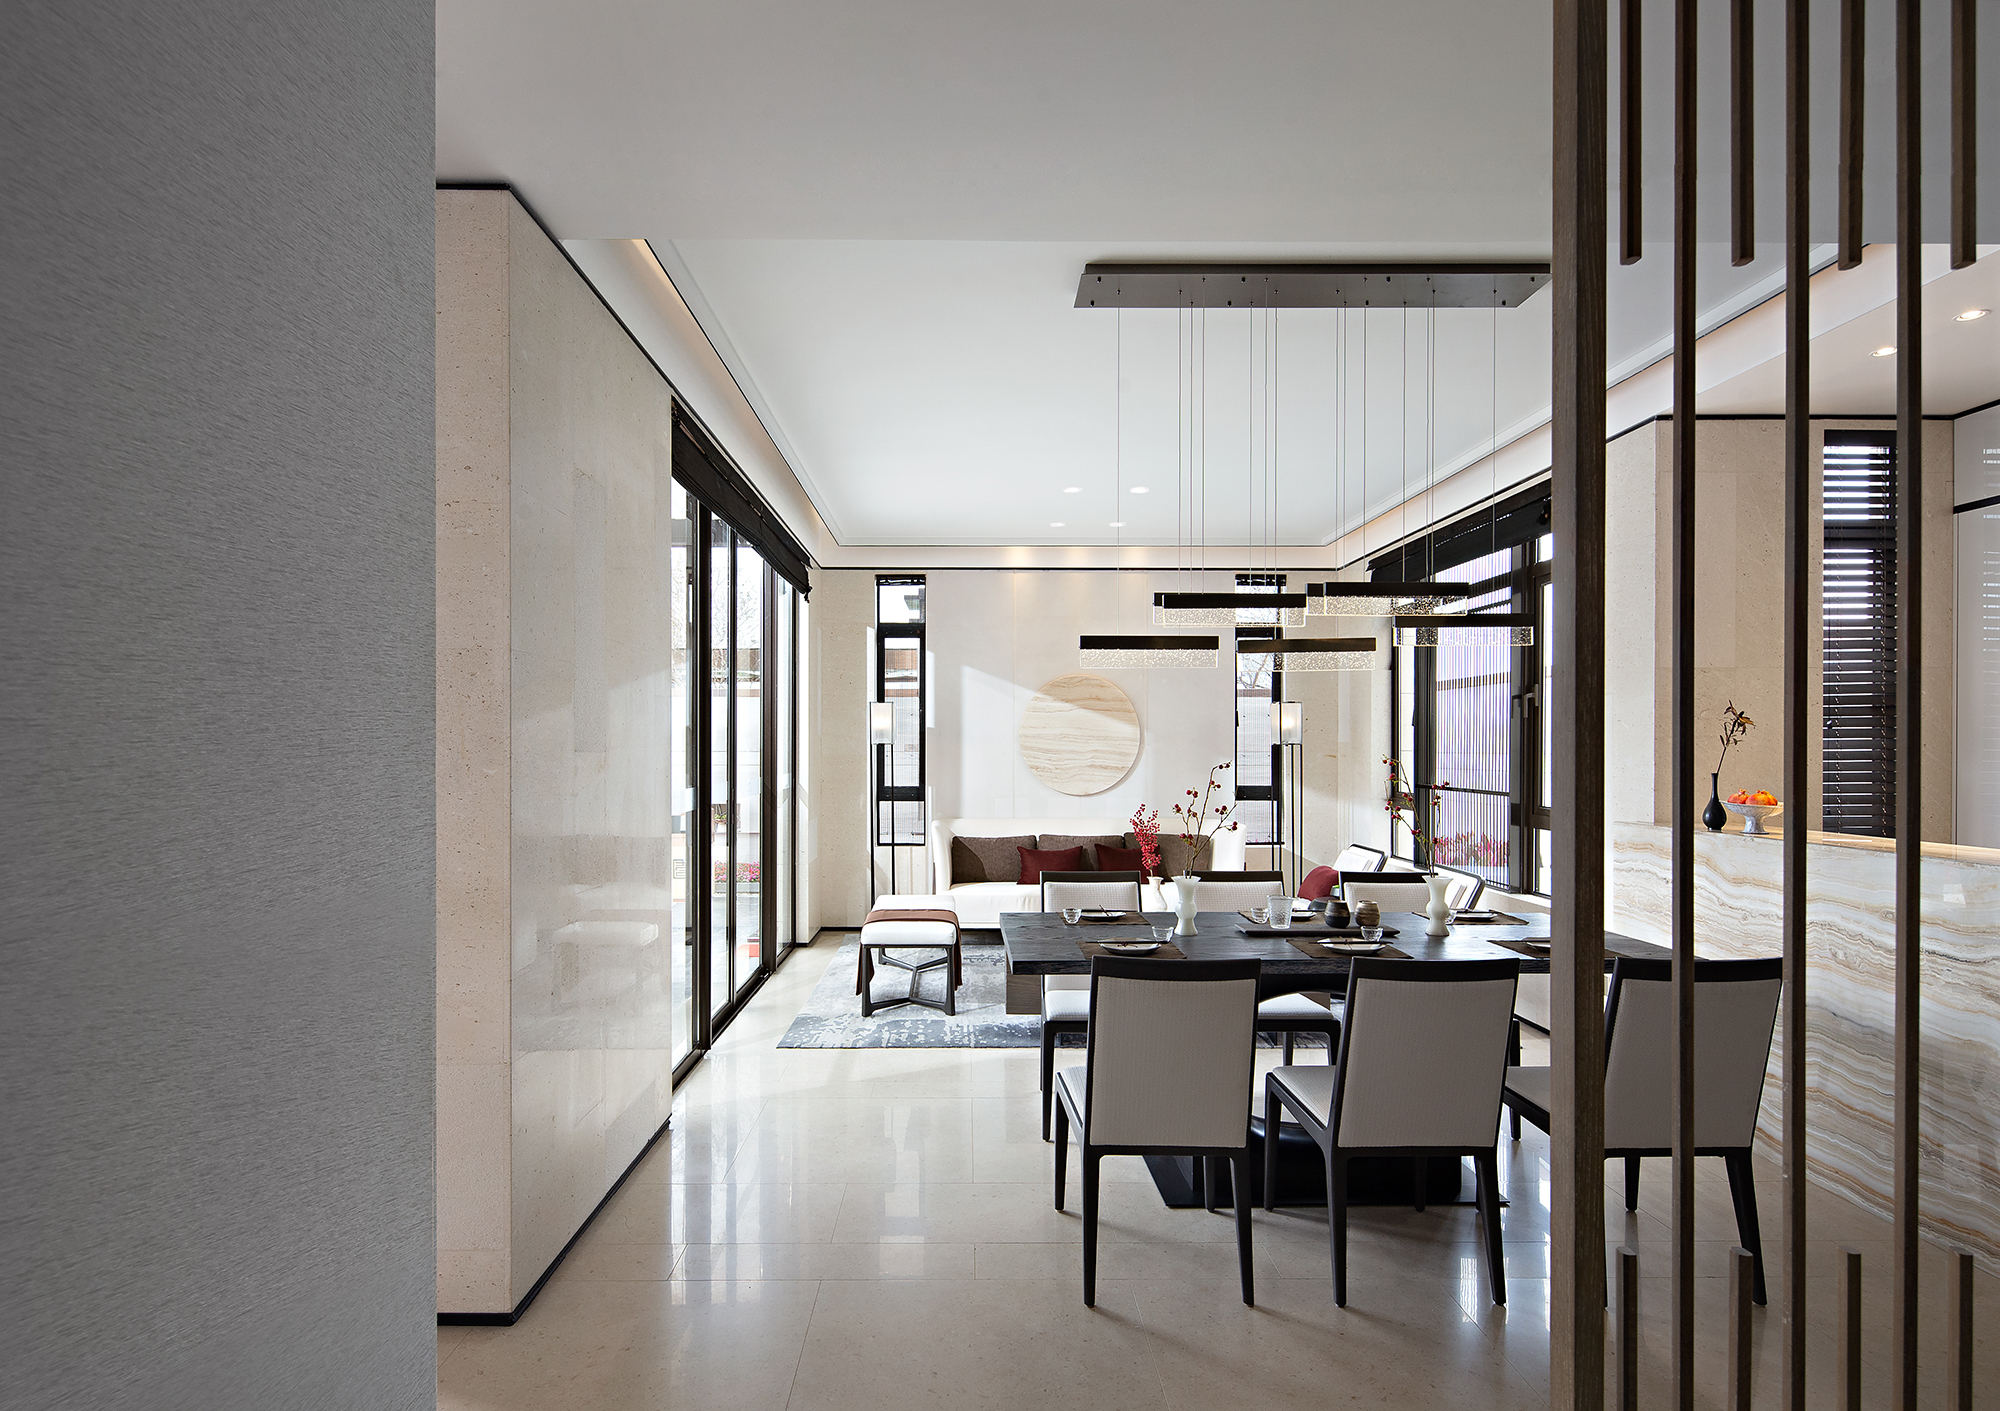 佛山信业阳光城檀悦合院样板房室内设计/意巢设计